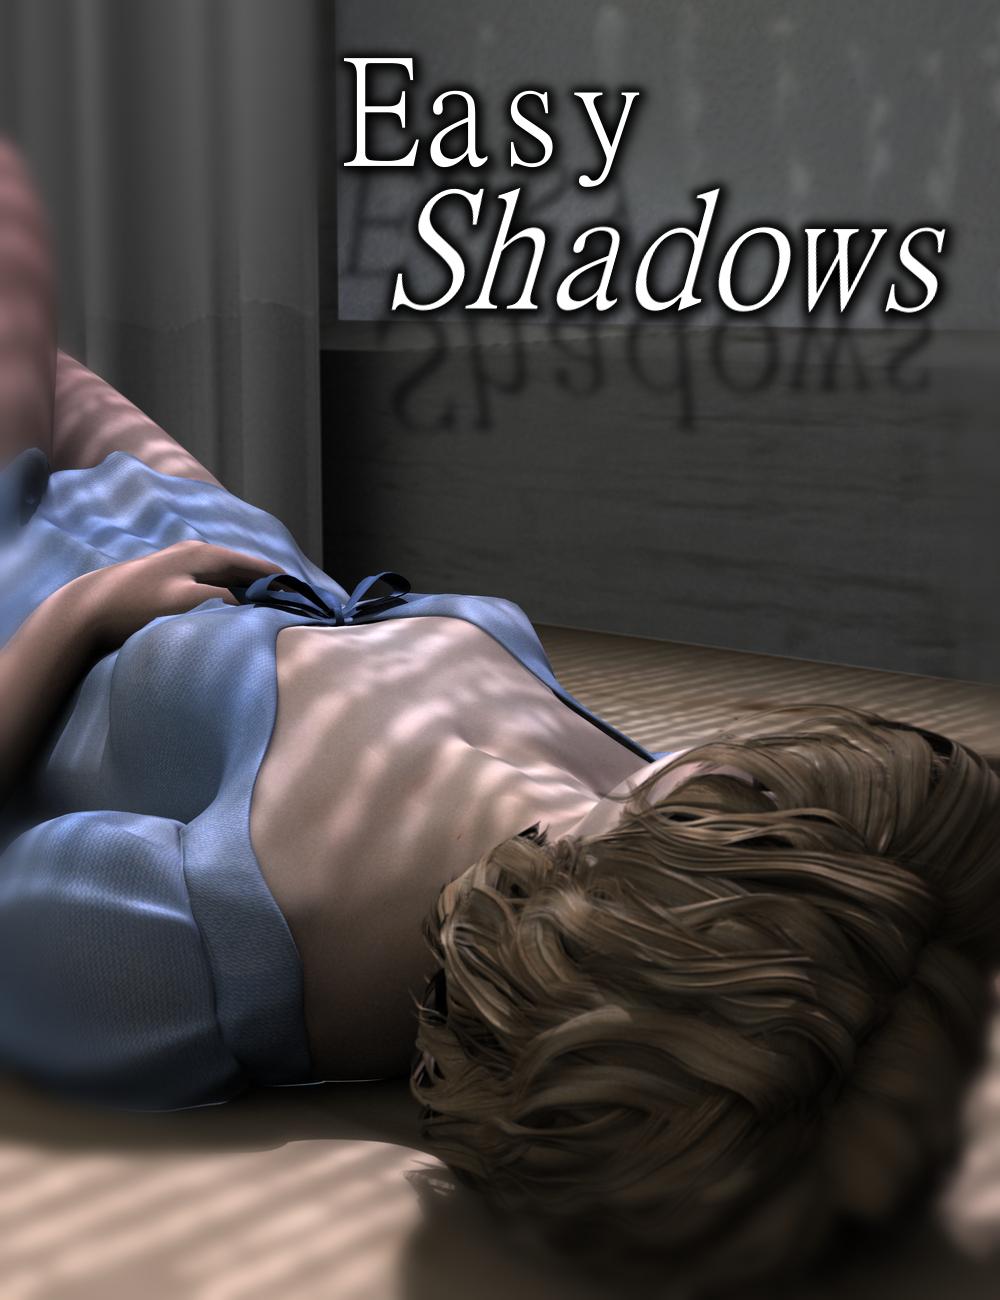 Easy Shadows by: Sickleyield, 3D Models by Daz 3D